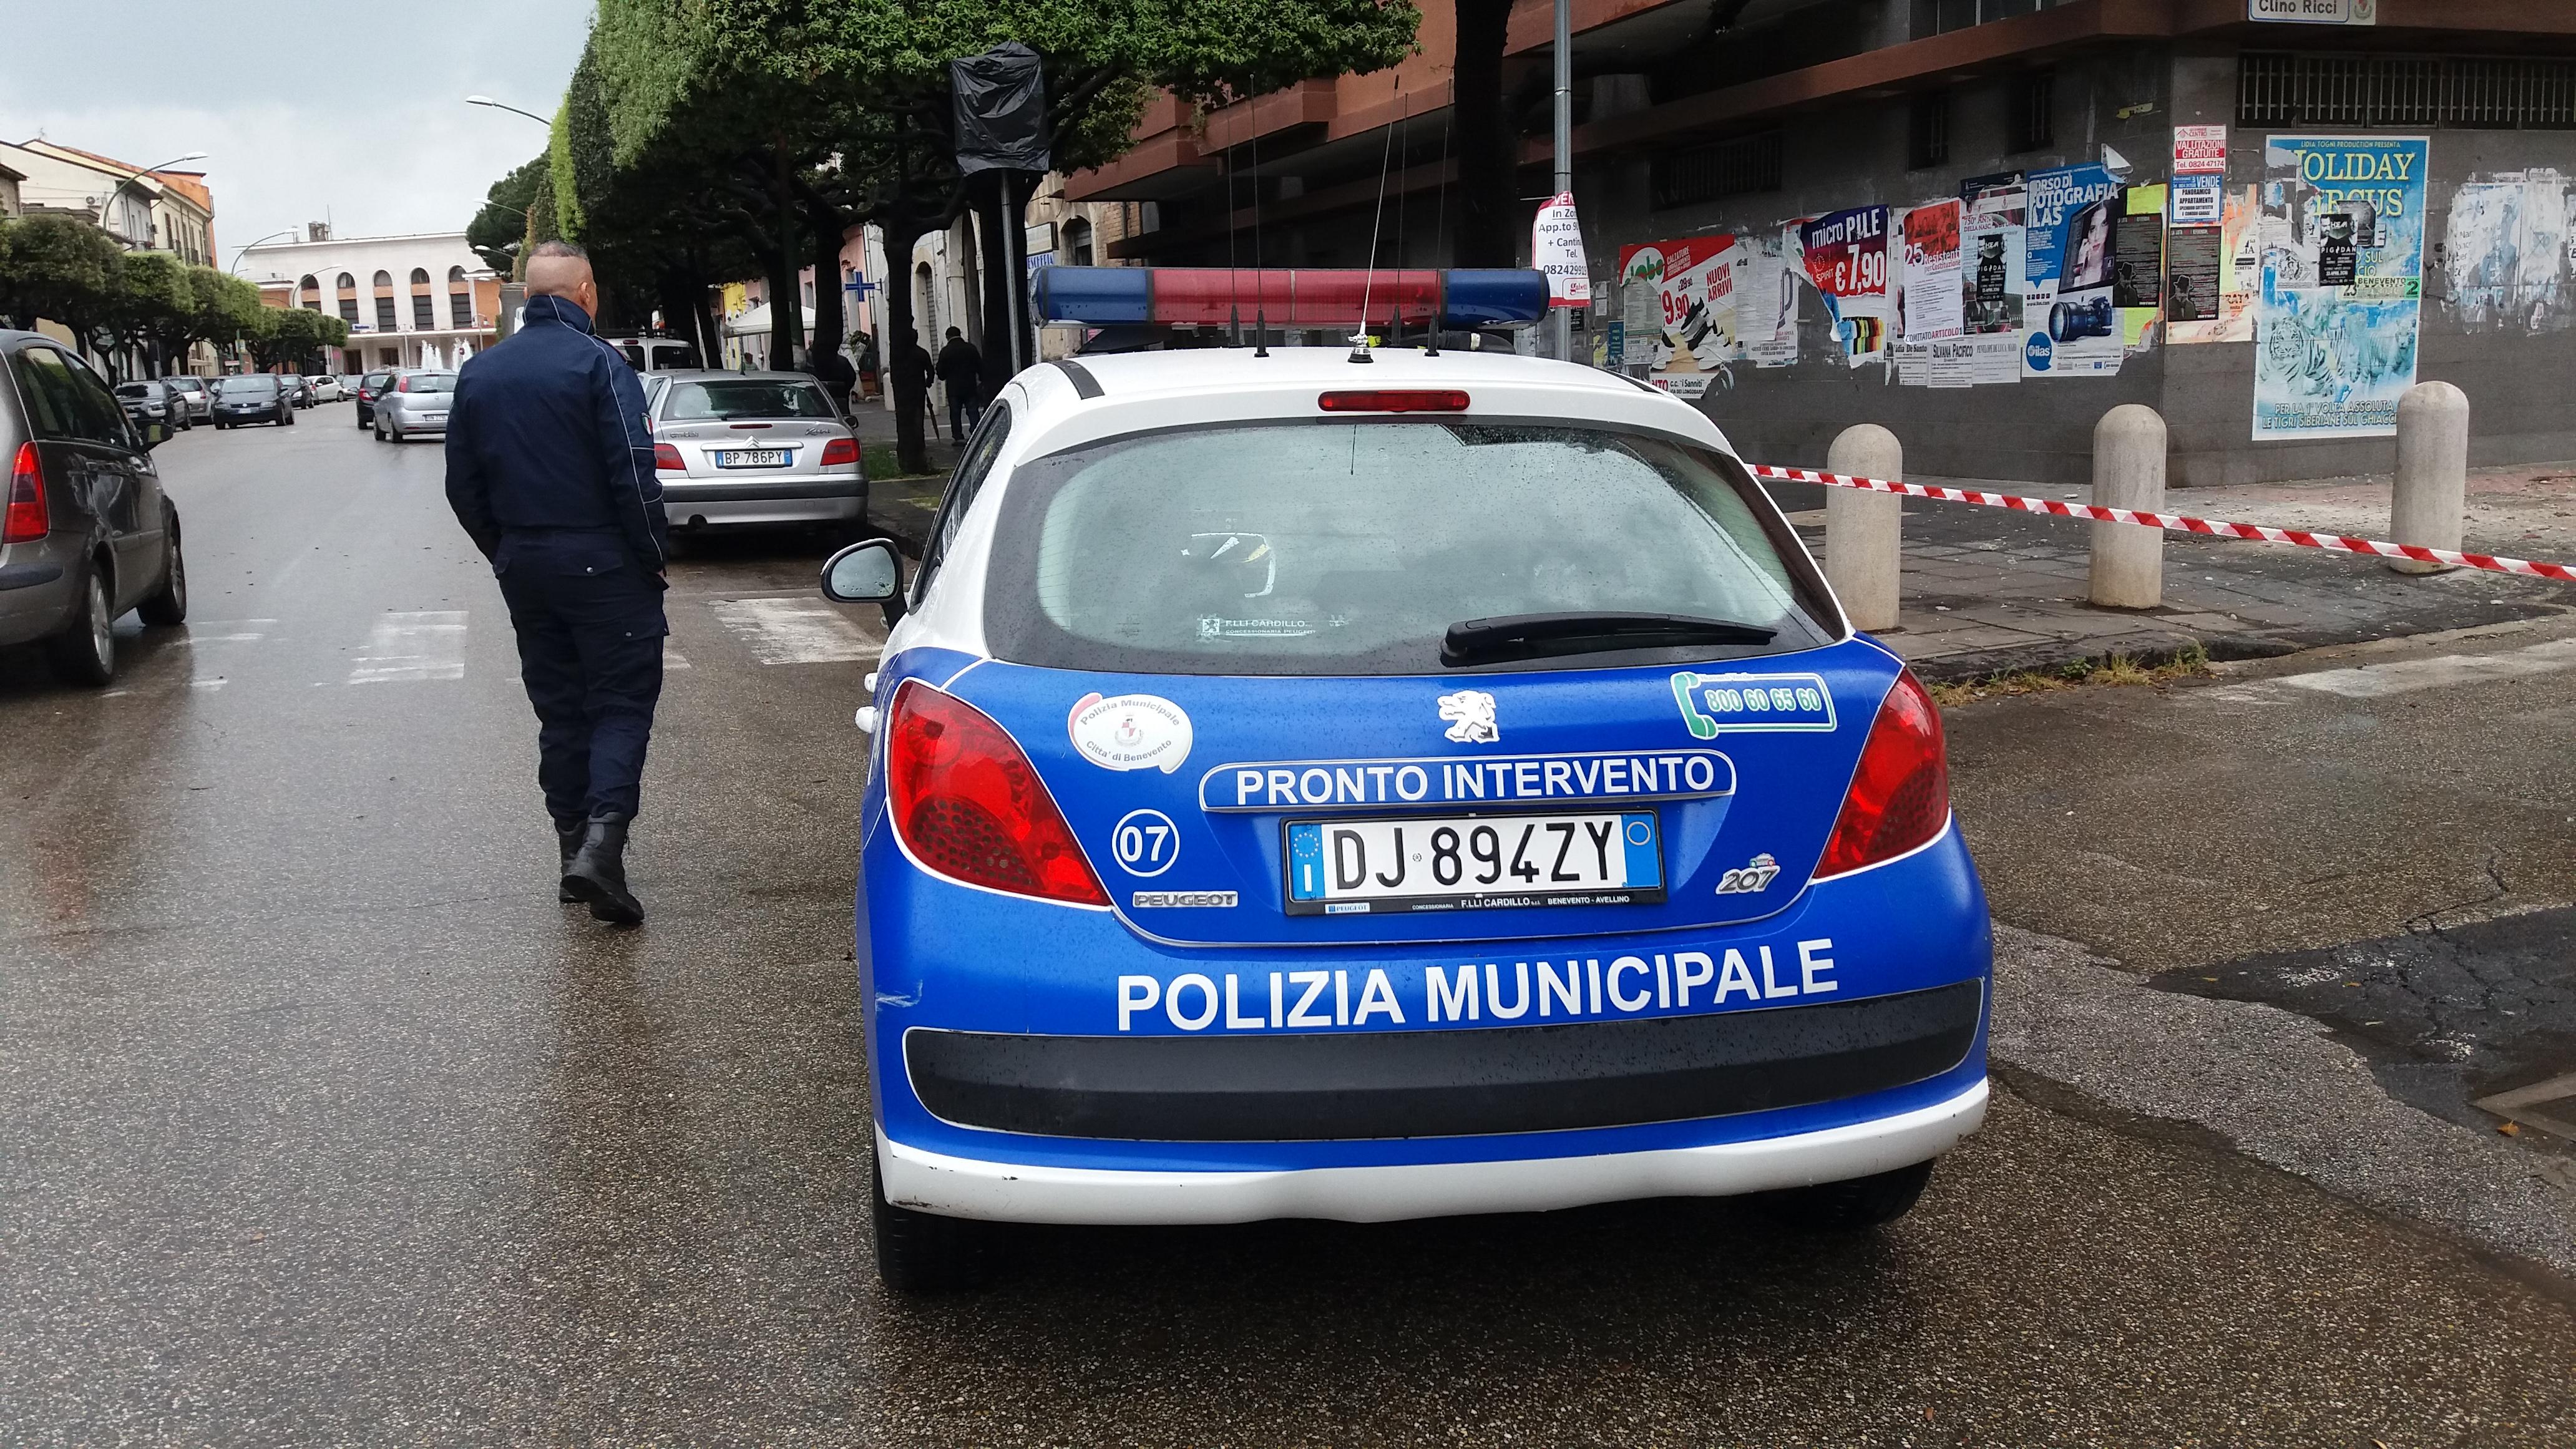 Benevento| Movida, Municipale: dalla prossima settimana libereremo Piazza Piano di Corte dalle autovetture